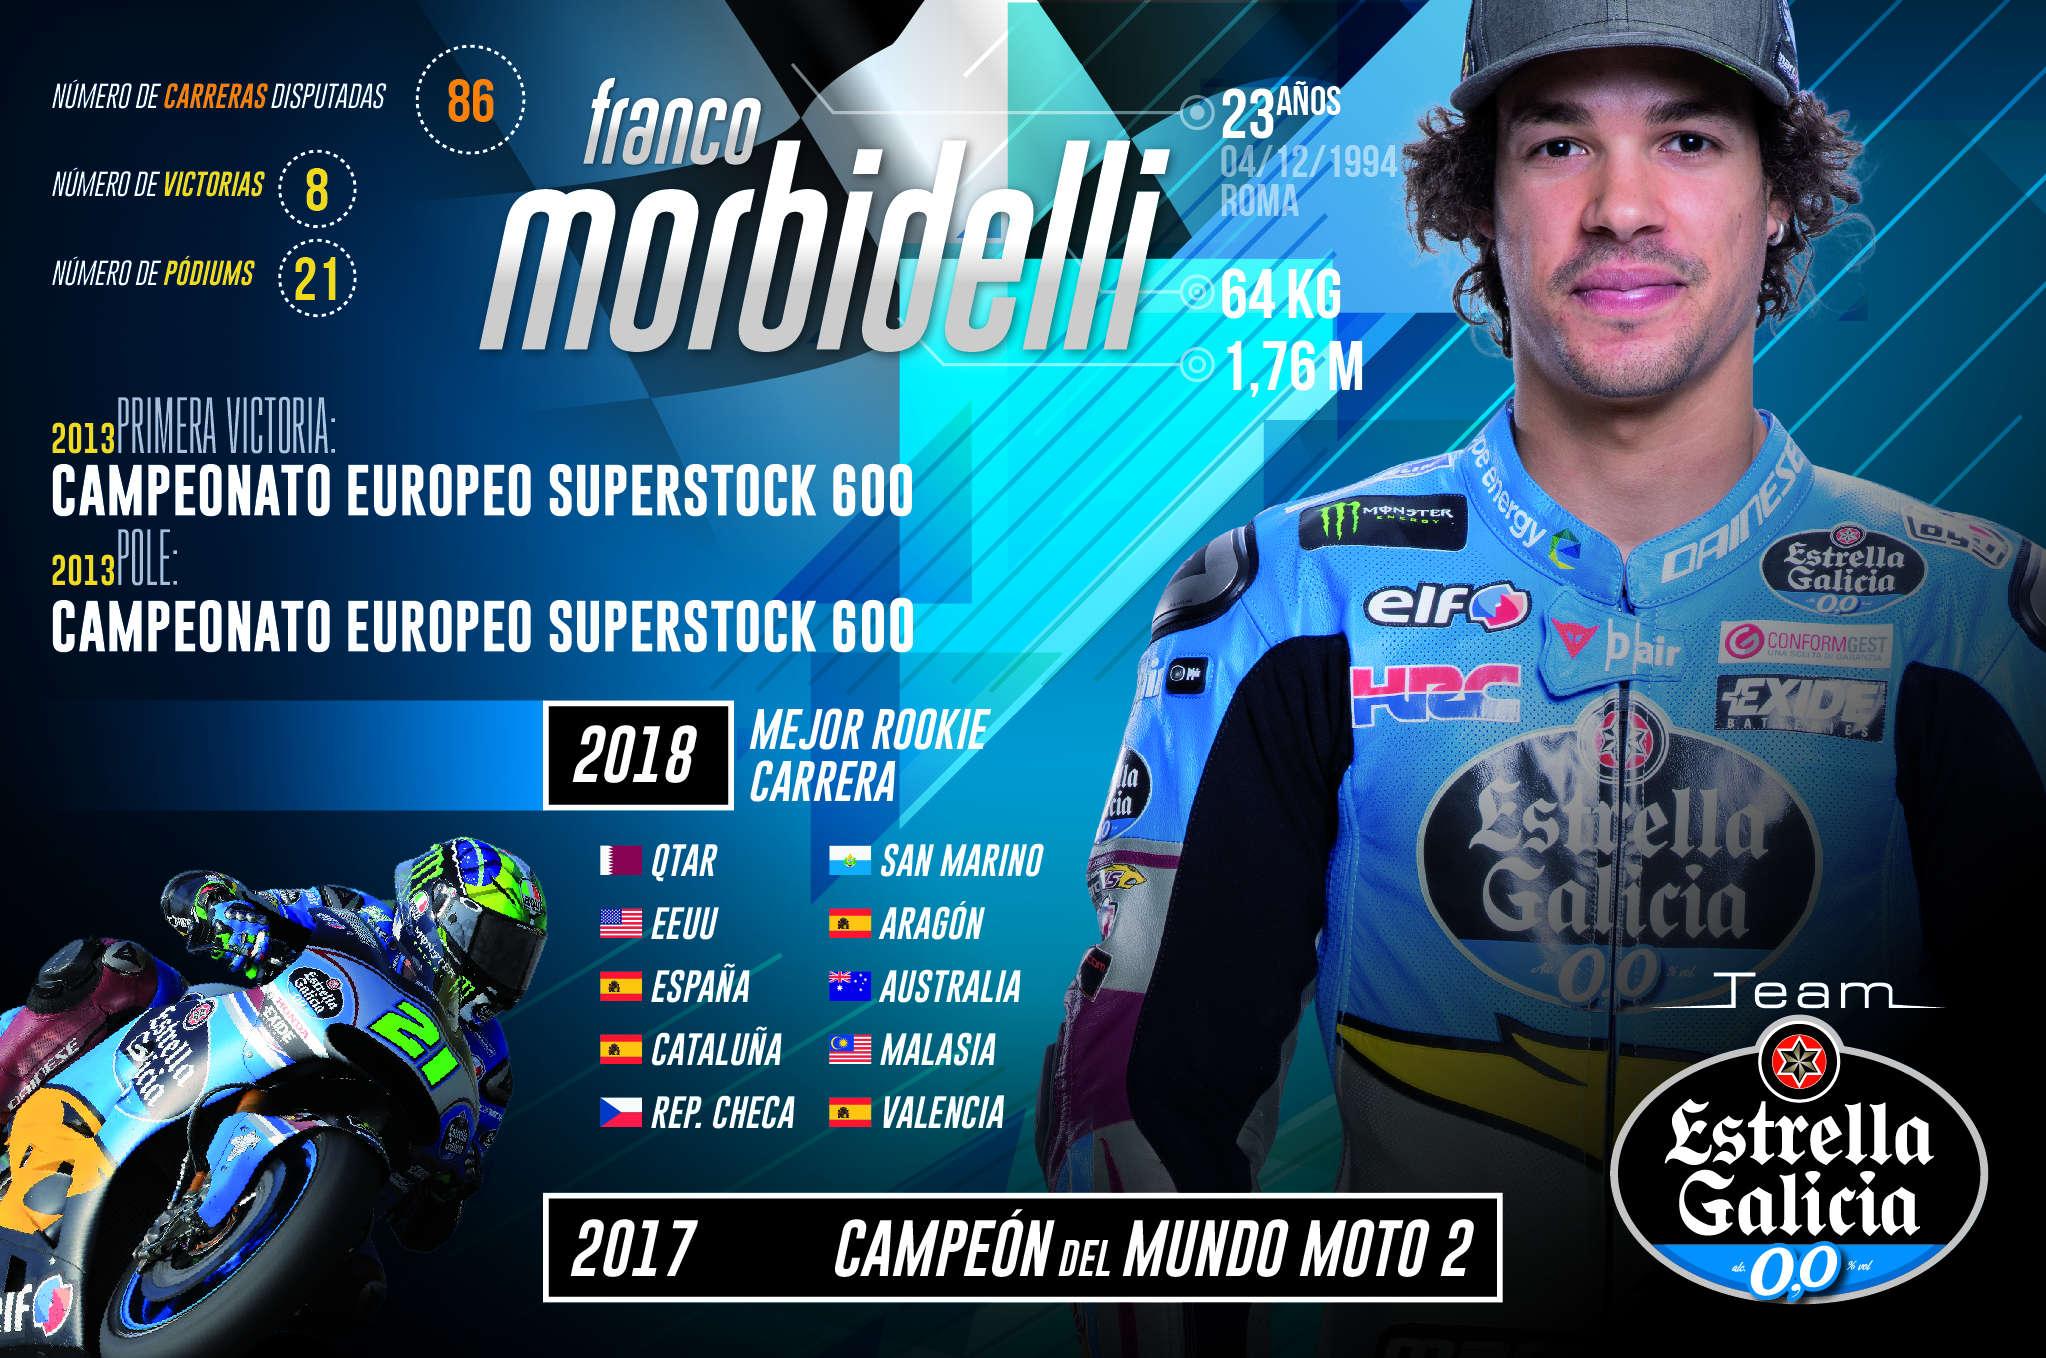 Franco Morbidelli 'Rookie of the Year' en MotoGP - Team Estrella Galicia  0,0 Marc VDS